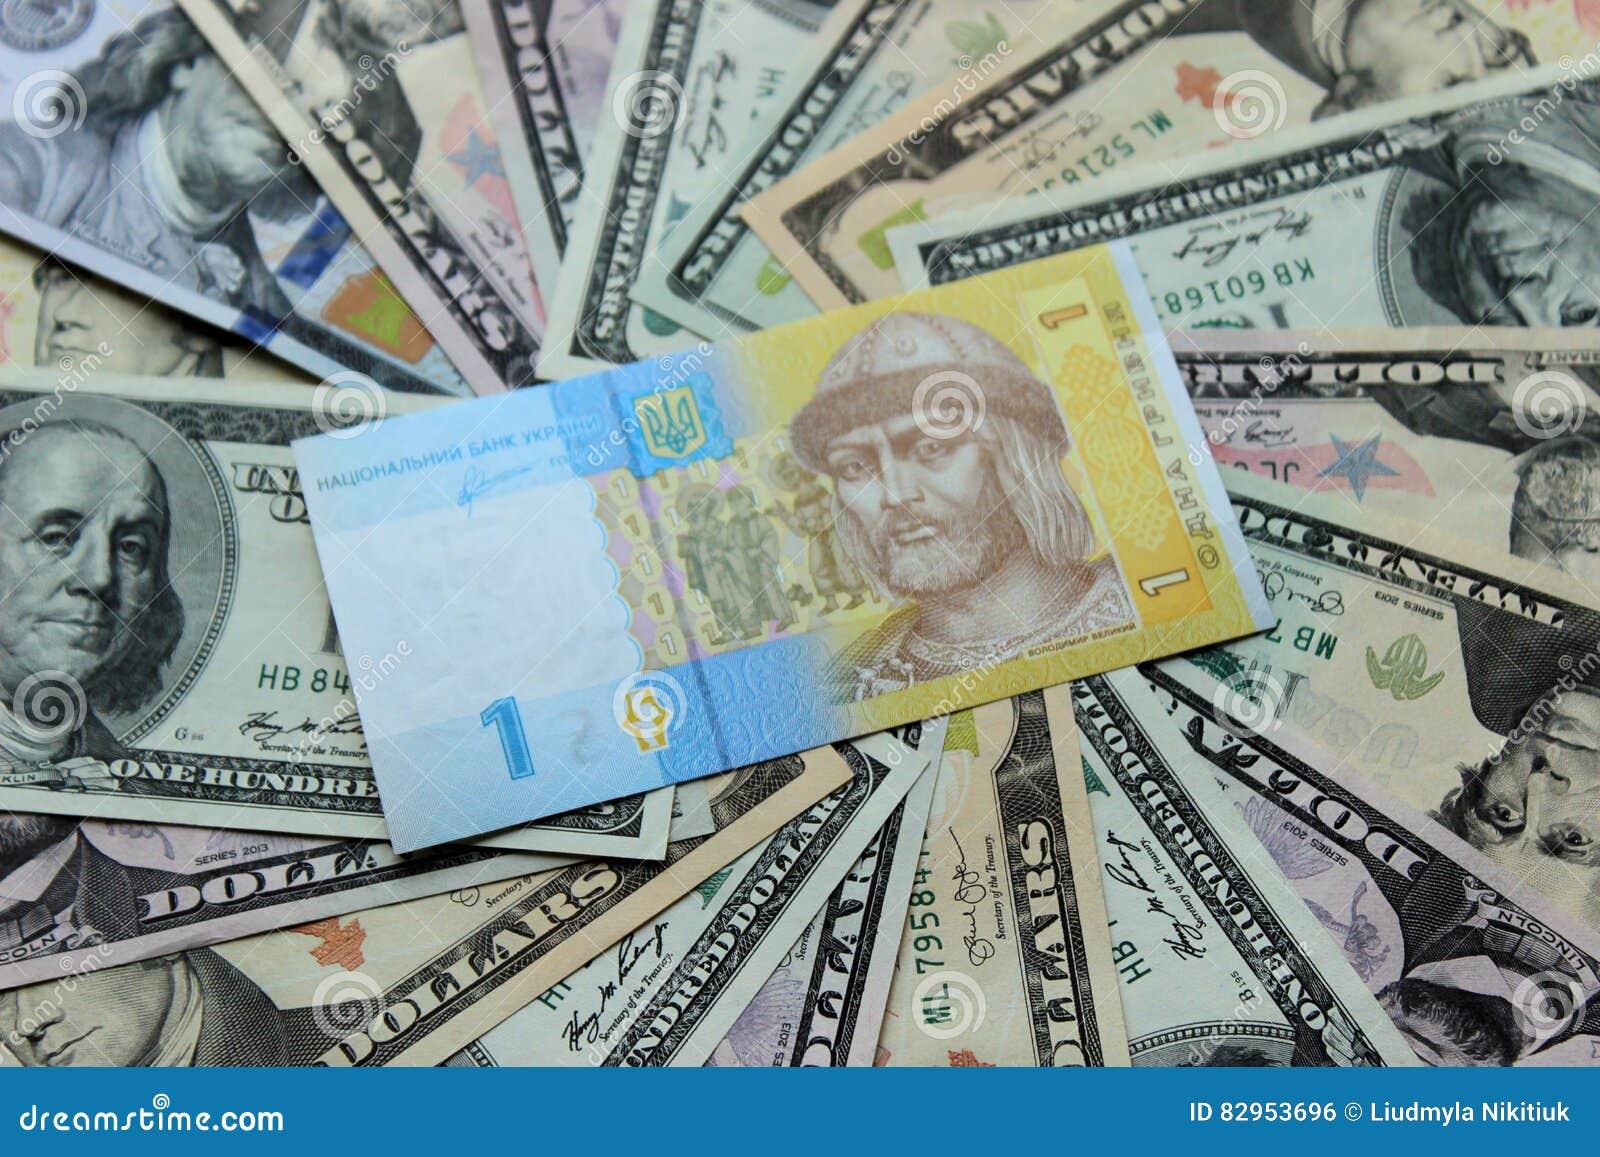 Ουκρανικοί λογαριασμοί hryvnia και δολαρίων 5000 ρούβλια προτύπων χρημάτων λογαριασμών ανασκόπησης